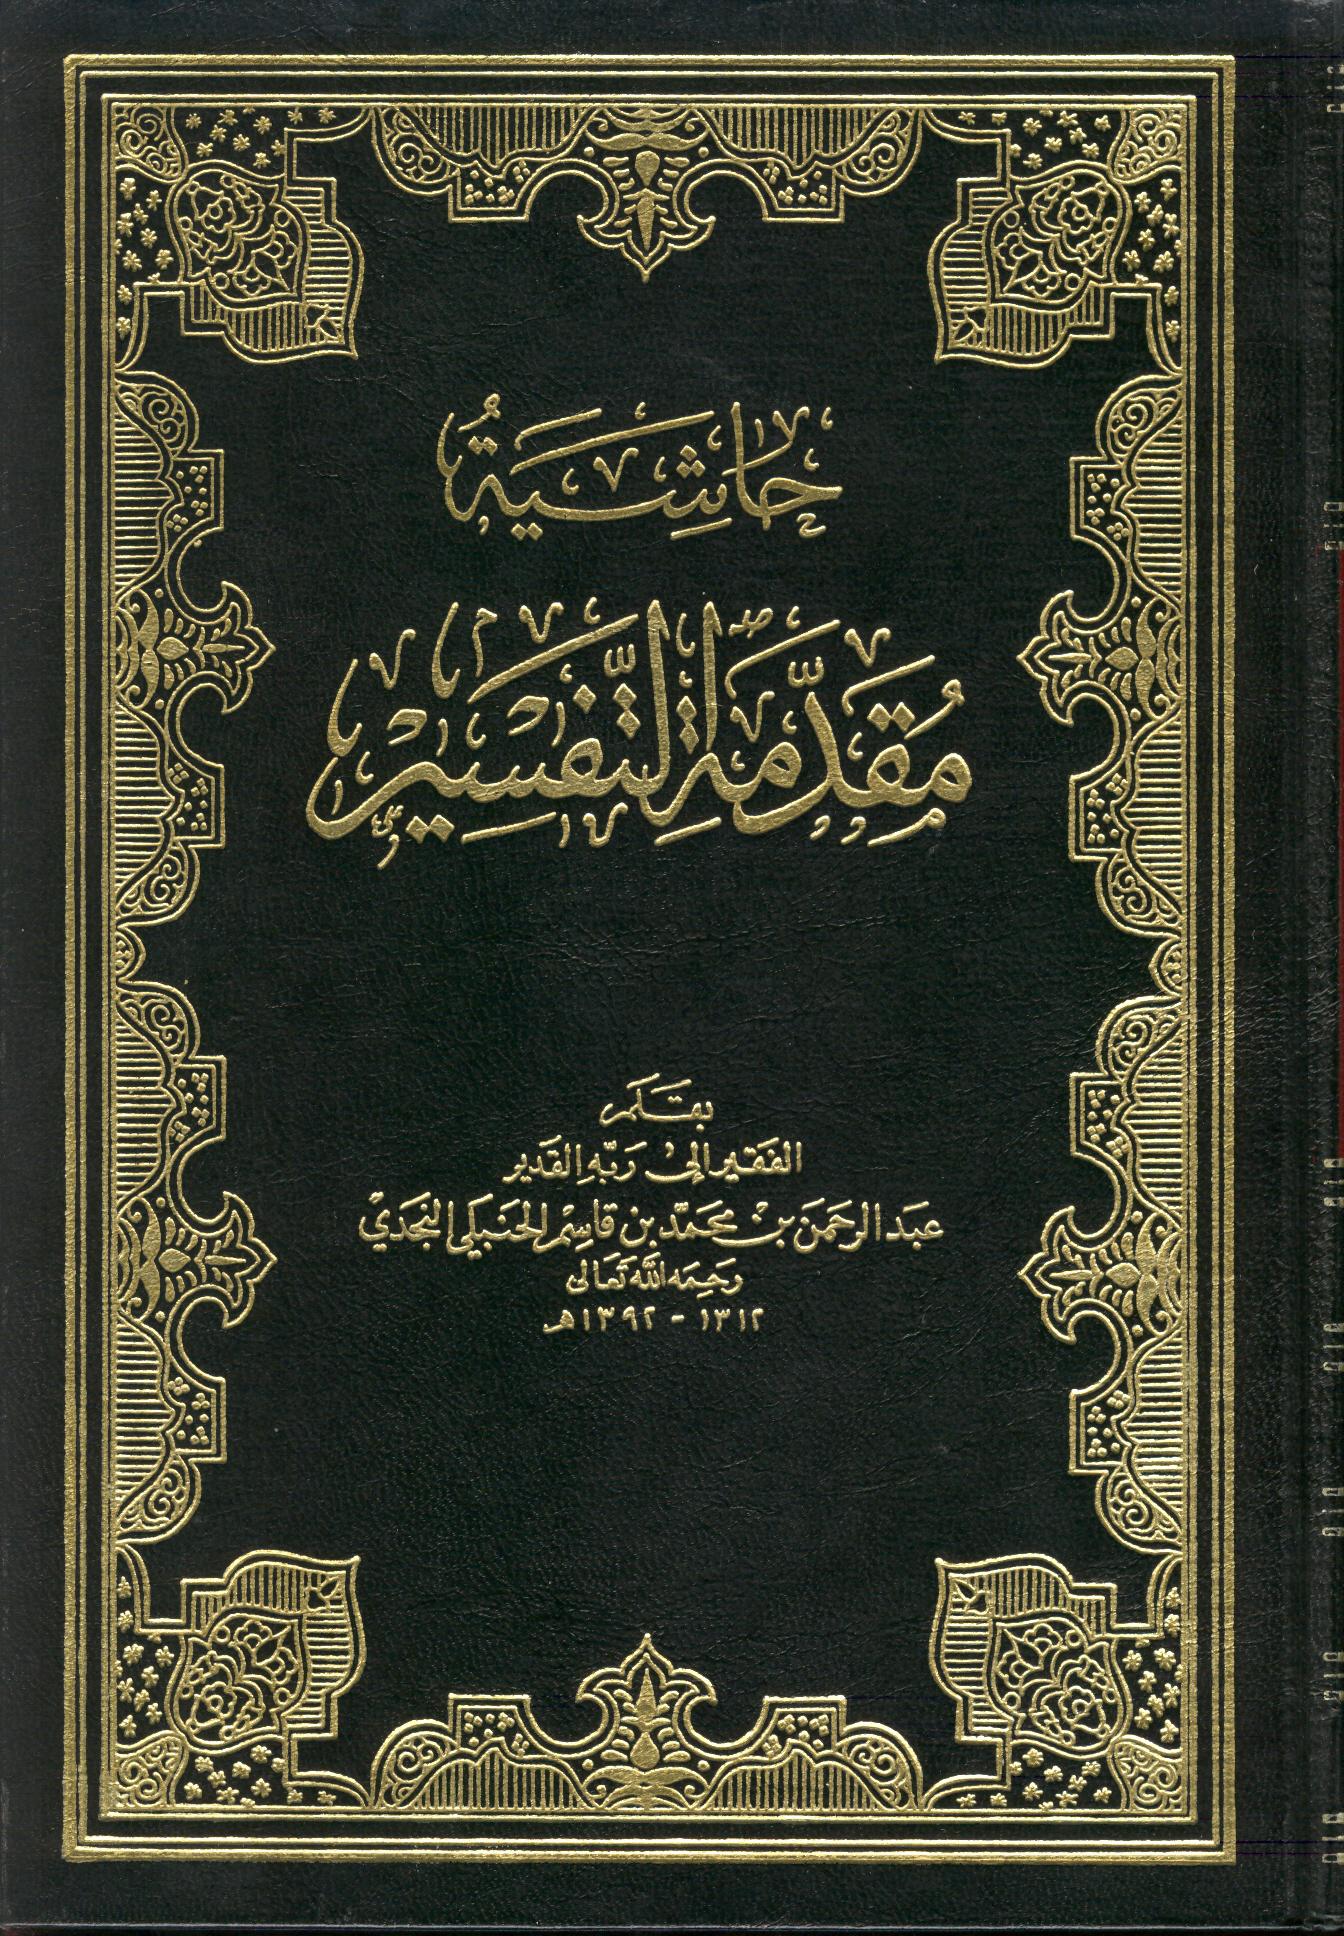 تحميل كتاب حاشية مقدمة التفسير لـِ: الشيخ عبد الرحمن بن محمد بن قاسم الحنبلي النجدي (ت 1392)